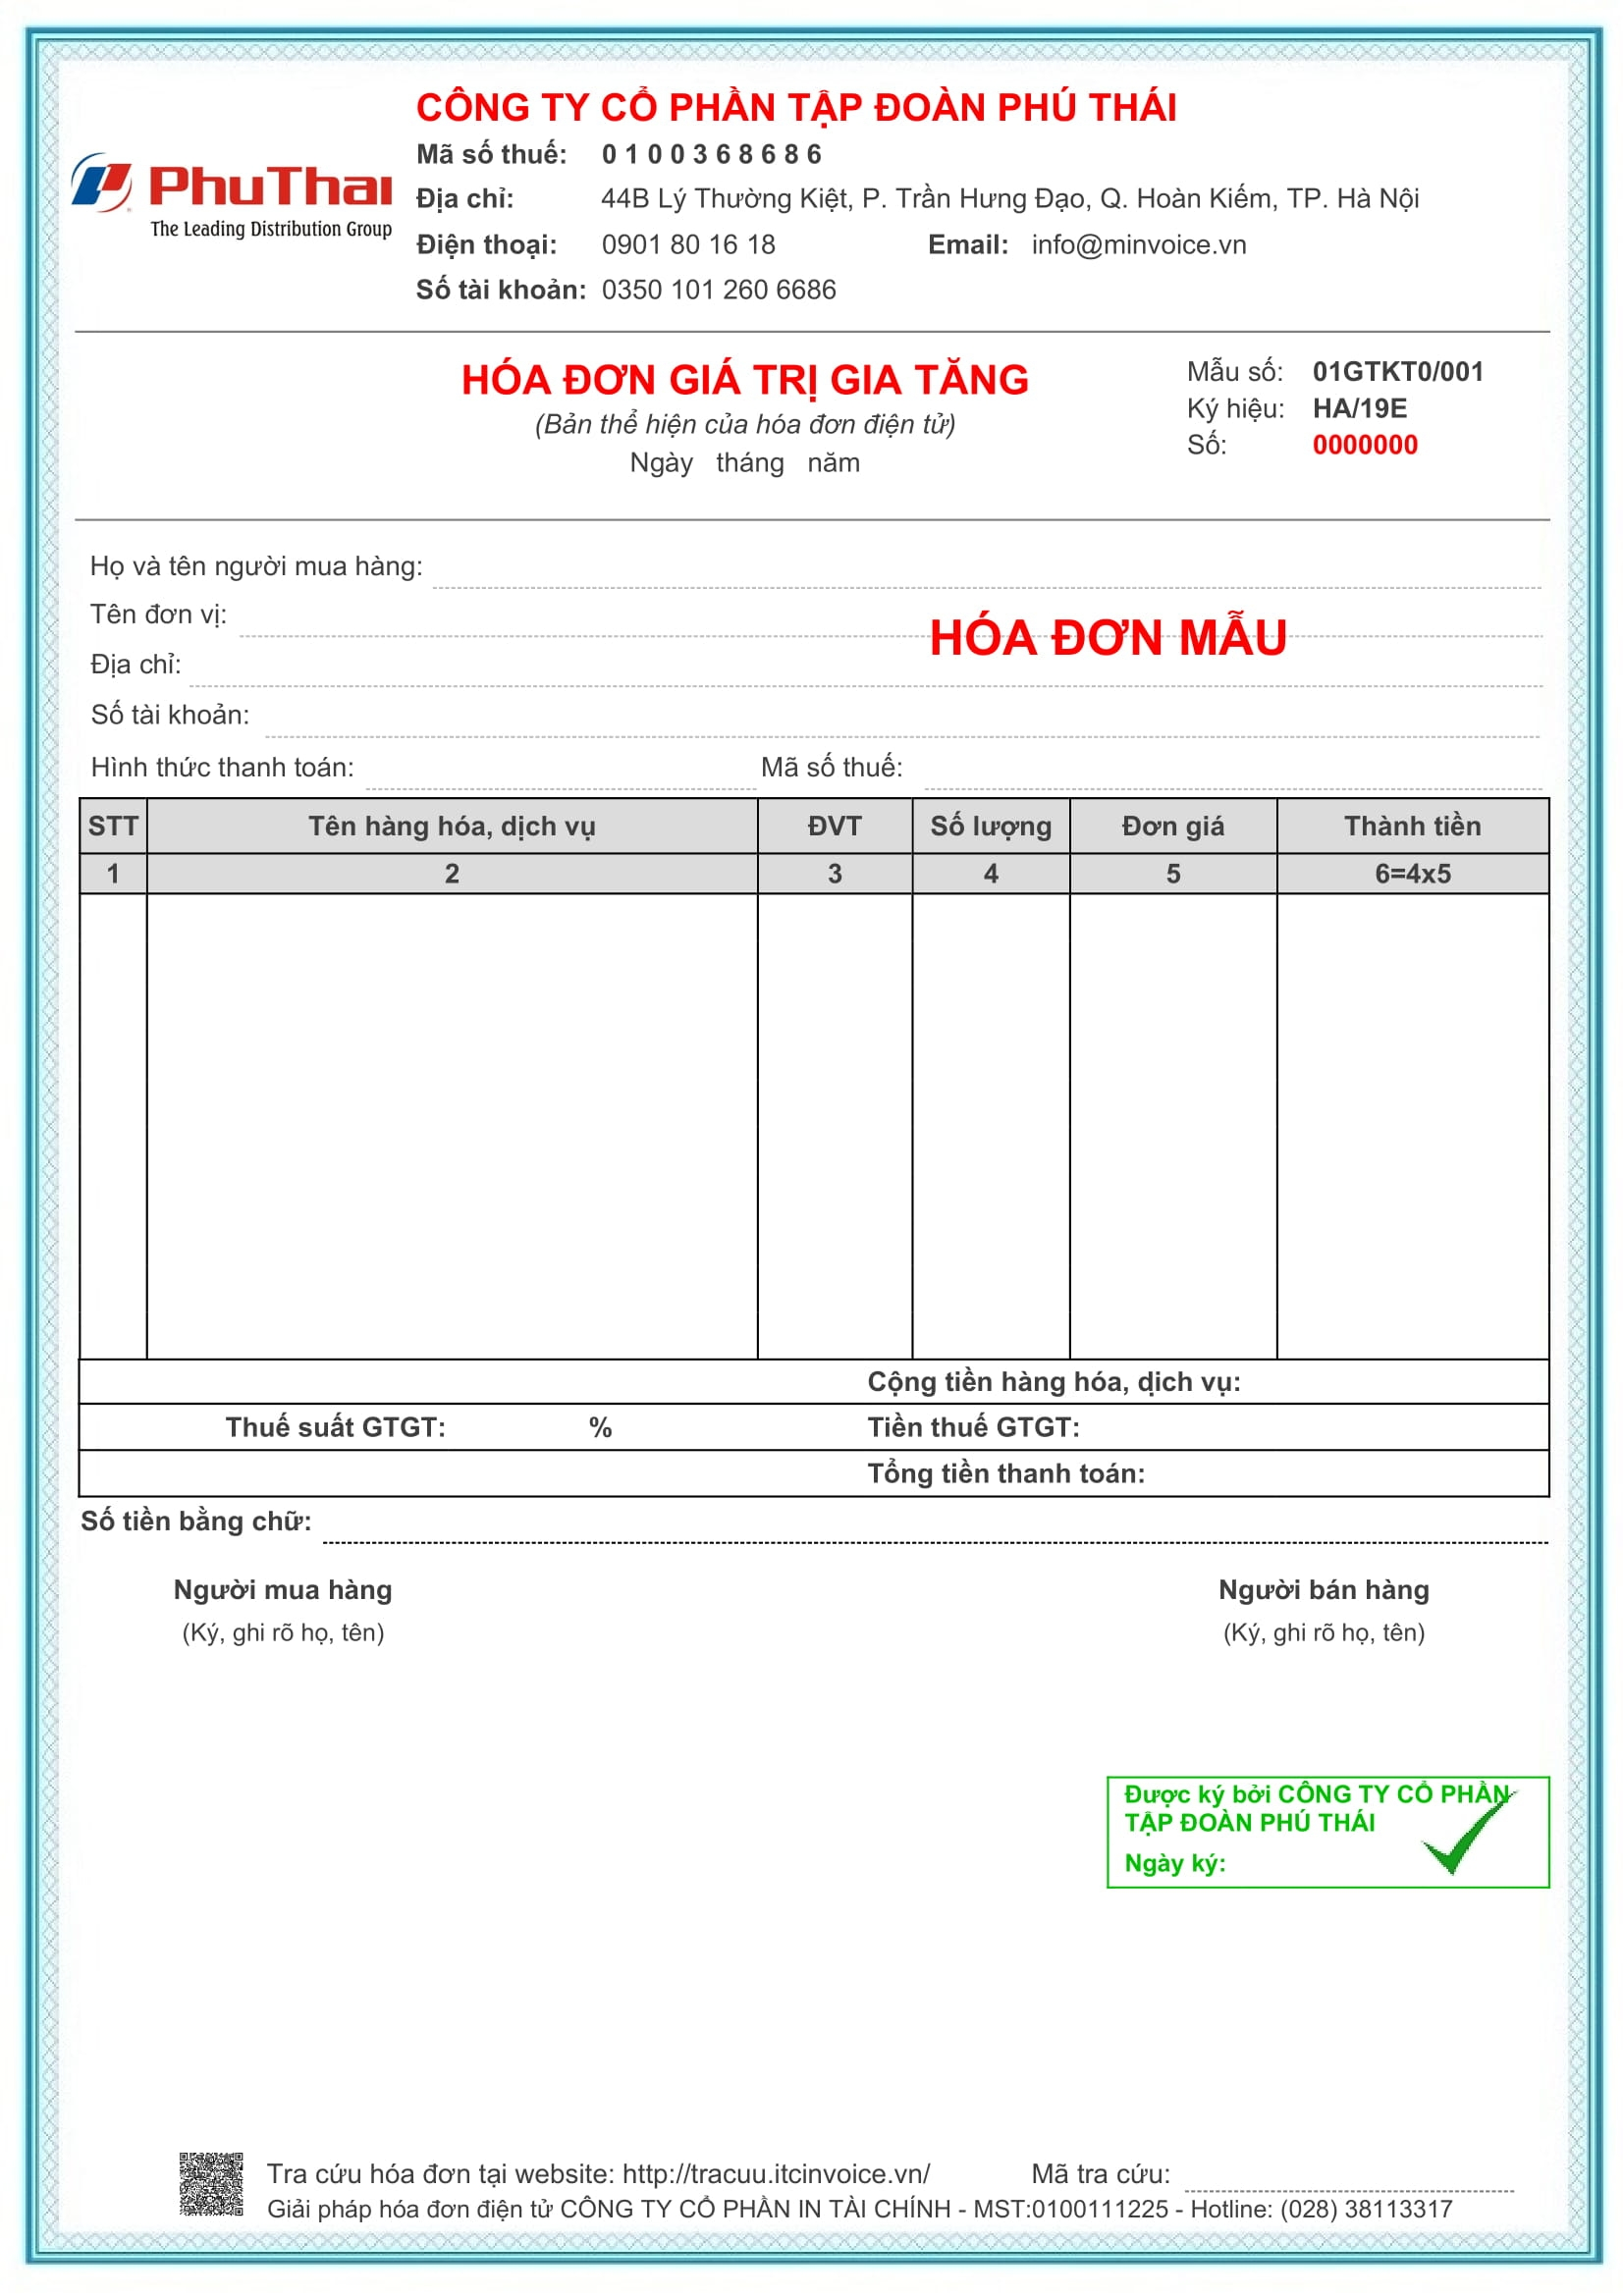 Mua hóa đơn điện tử Vina ở Đồng Nai